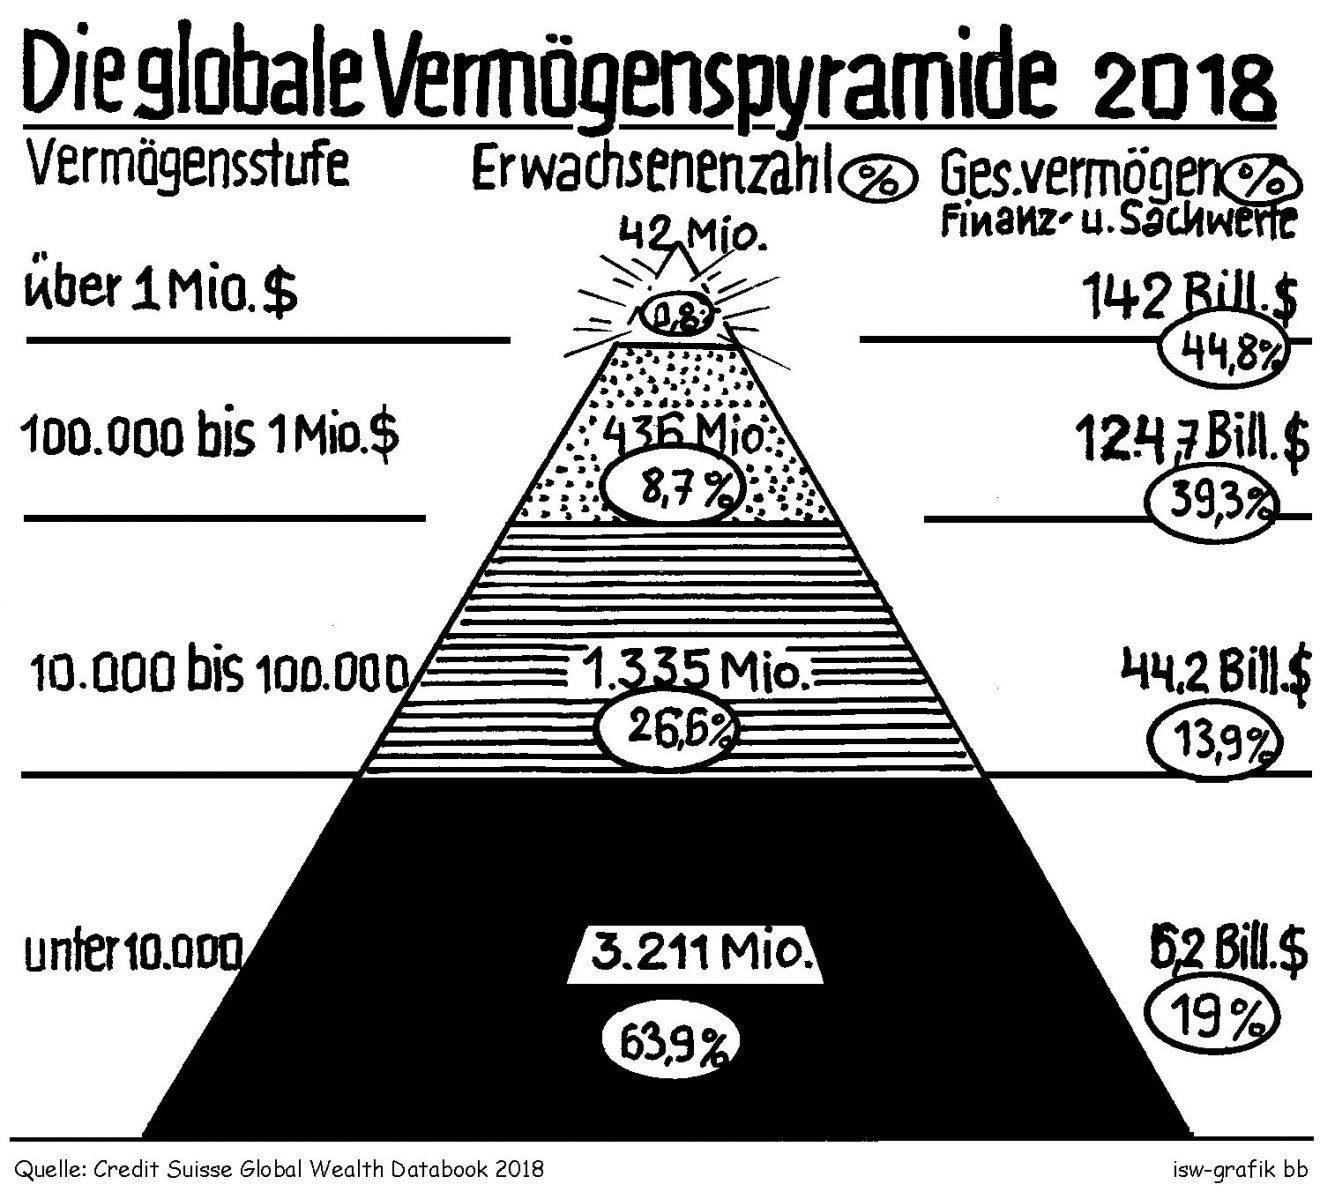 Reichtumspyramide: Mehr Millionäre mit immer größeren Geldvermögen